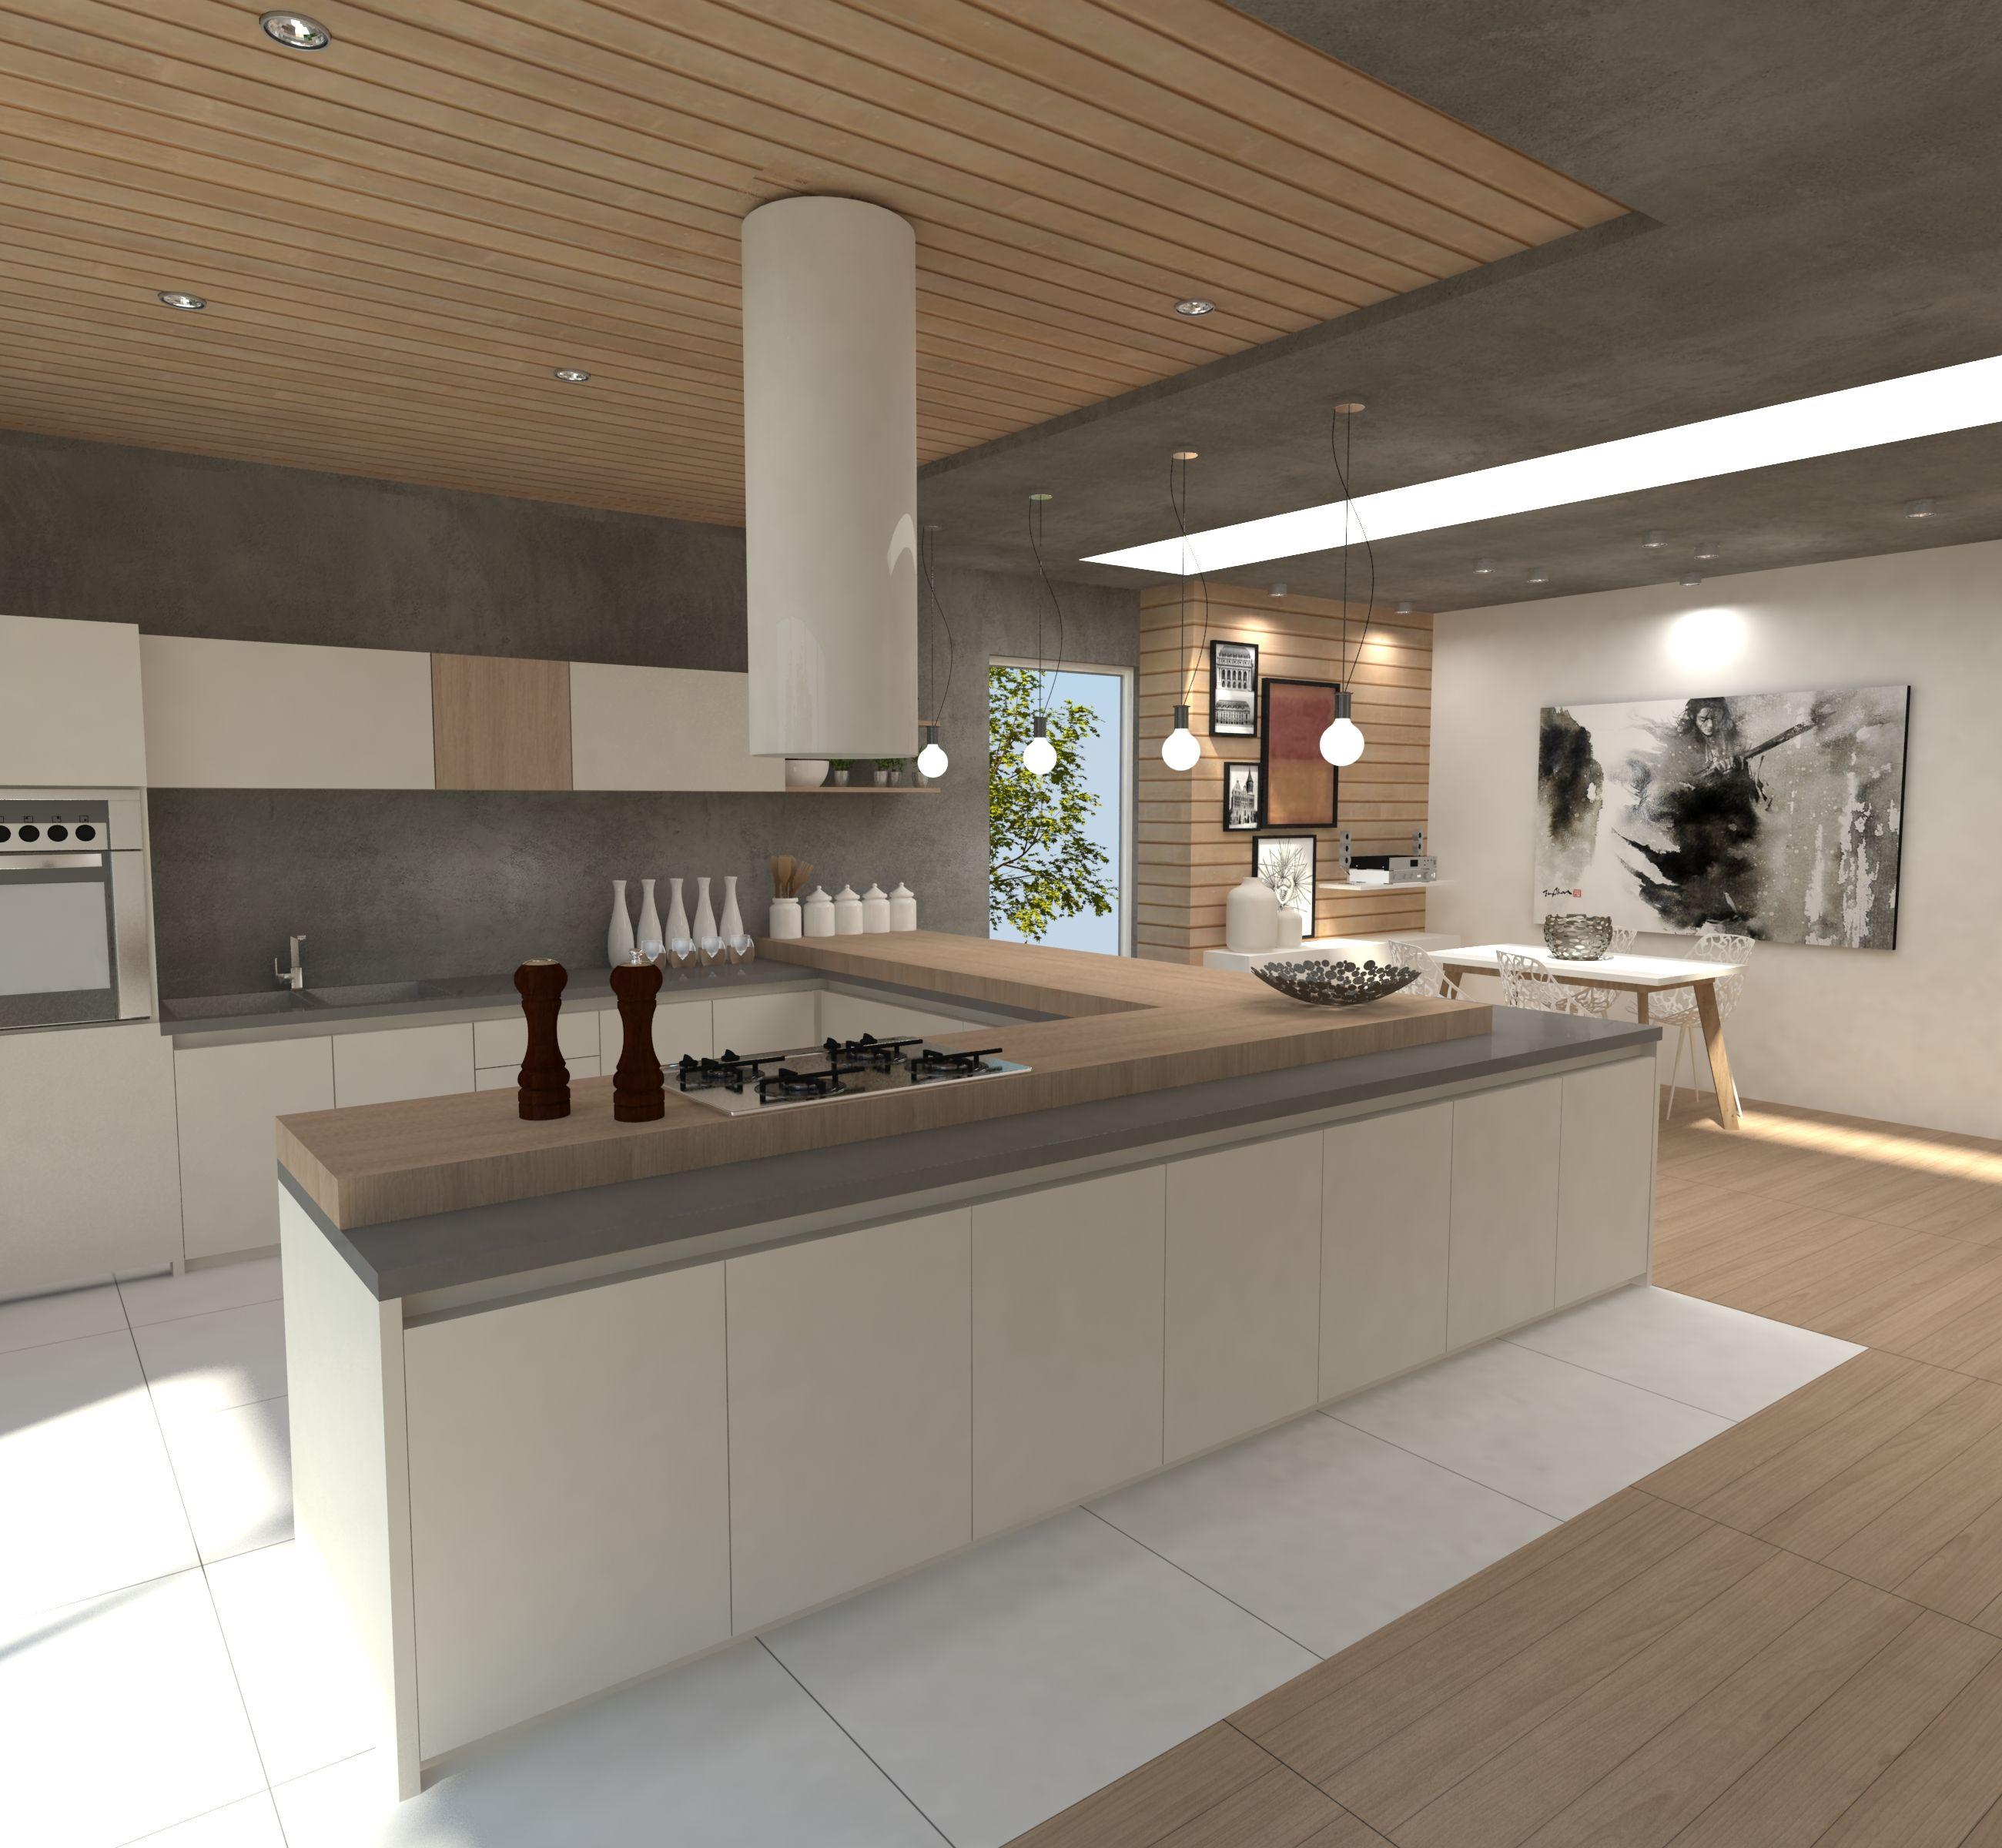 3d Max Kitchen Interior Design: 3D MAX, INTERIOR DESIGNER